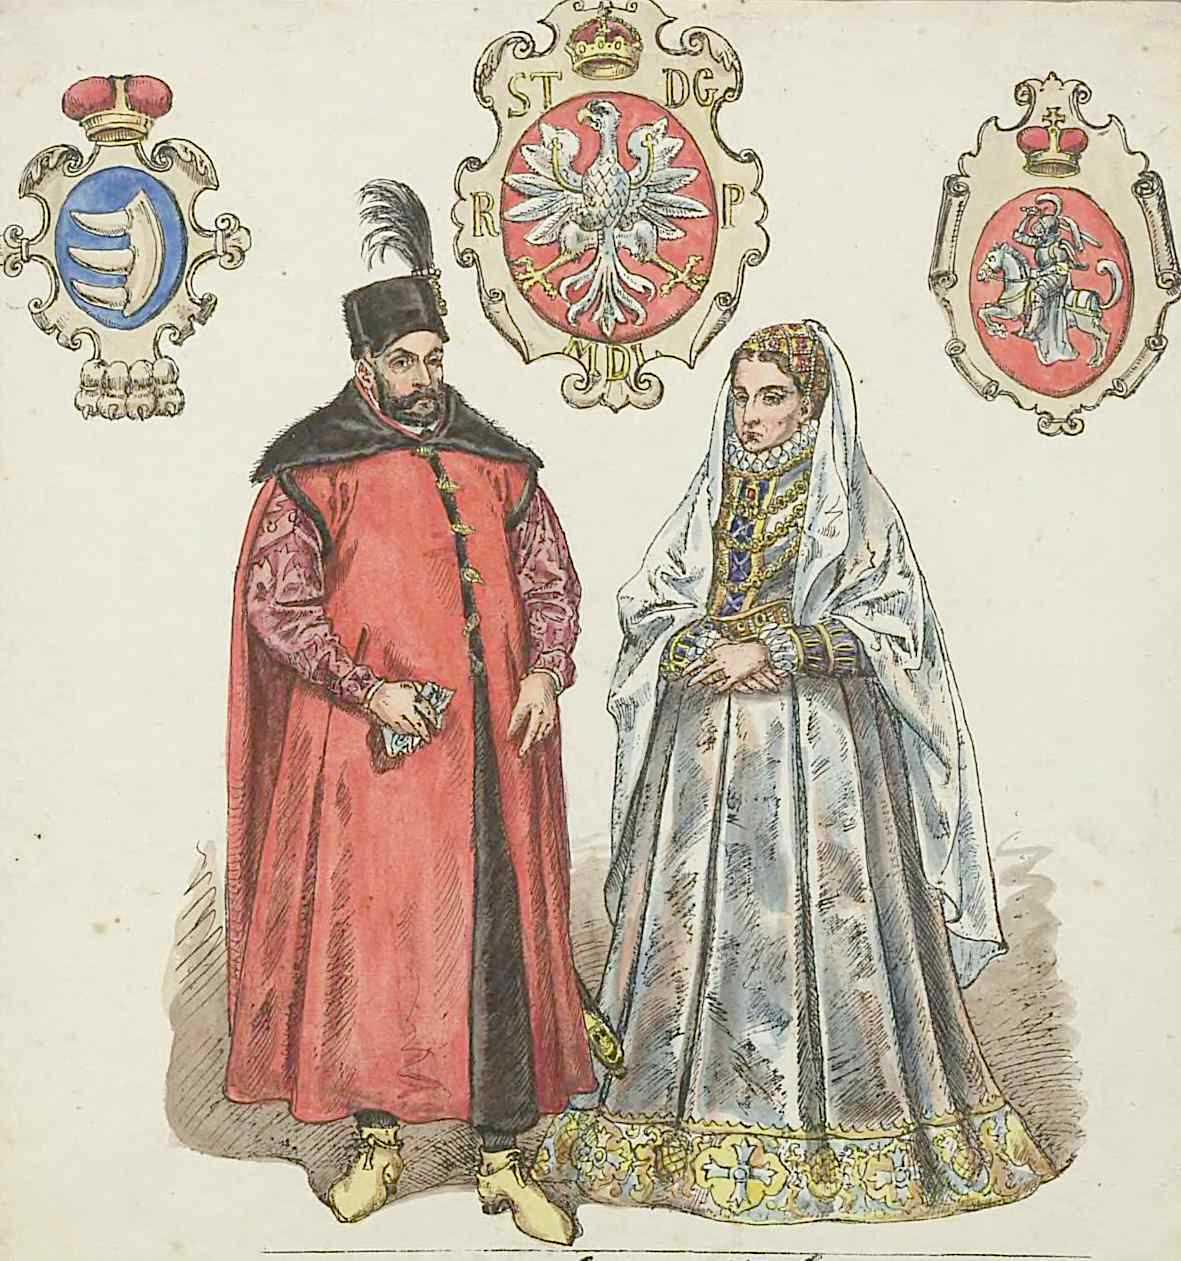 Polscy elektorzy mogli sobie pozwolić na wybranie człowieka, który nie miał w żyłach ani kropli królewskiej krwi. Jego władzę dostatecznie legitymizował ślub z Anną Jagiellonką, ostatnią z dynastii. Obraz pary królewskiej według Jana Matejki.